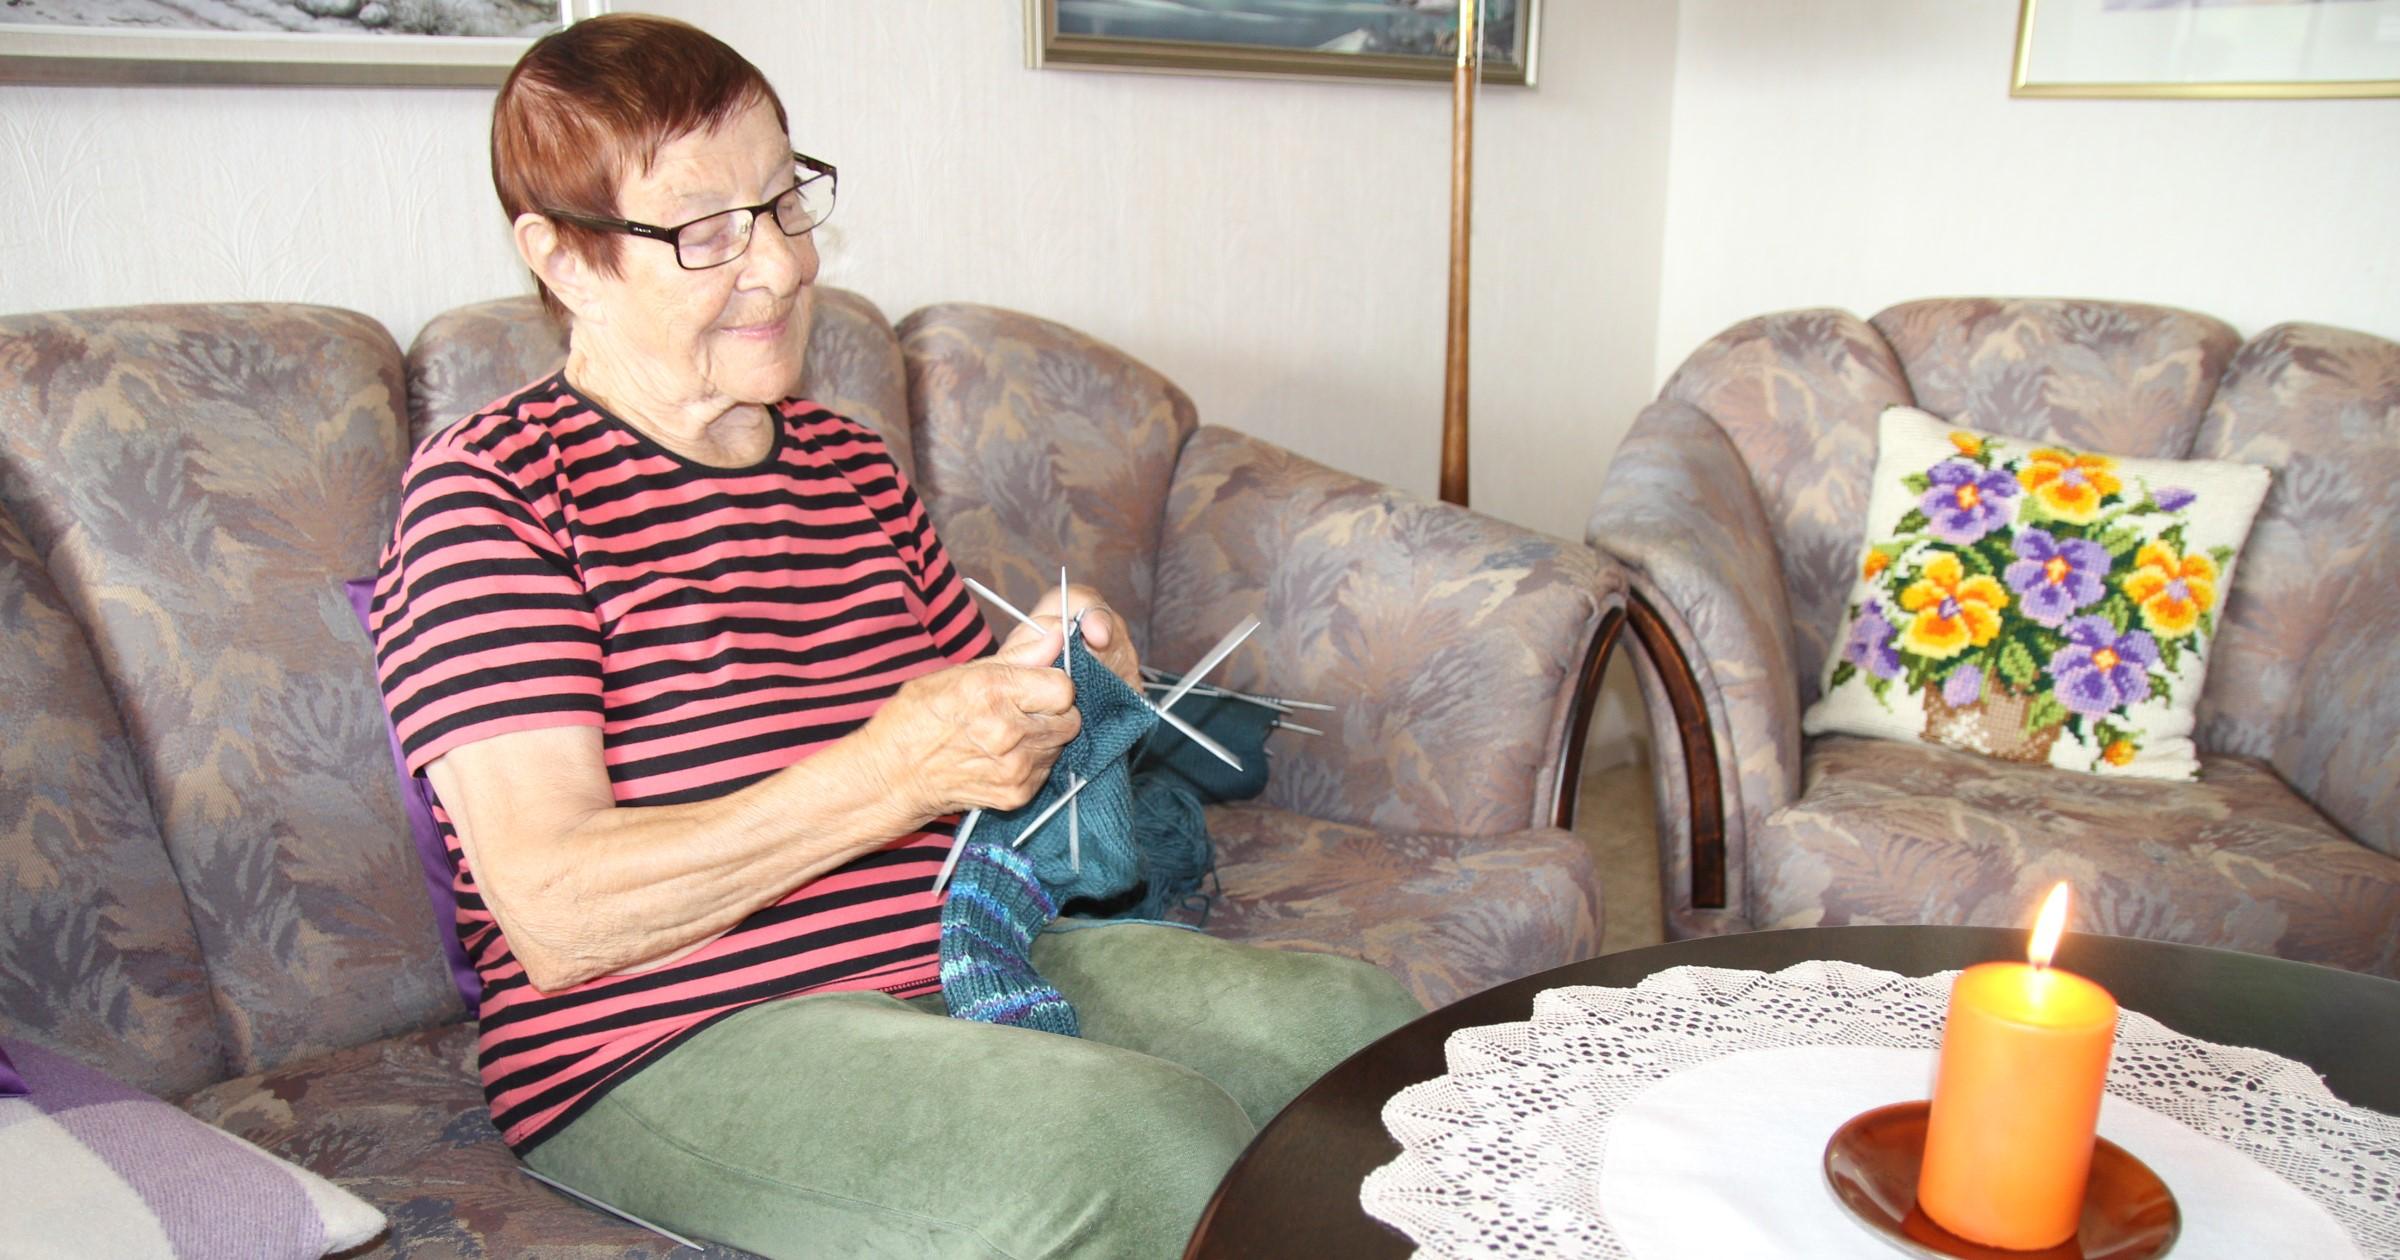 Iloinen vanhempi nainen neuloo sohvalla, pöydällä palaa kynttilä.